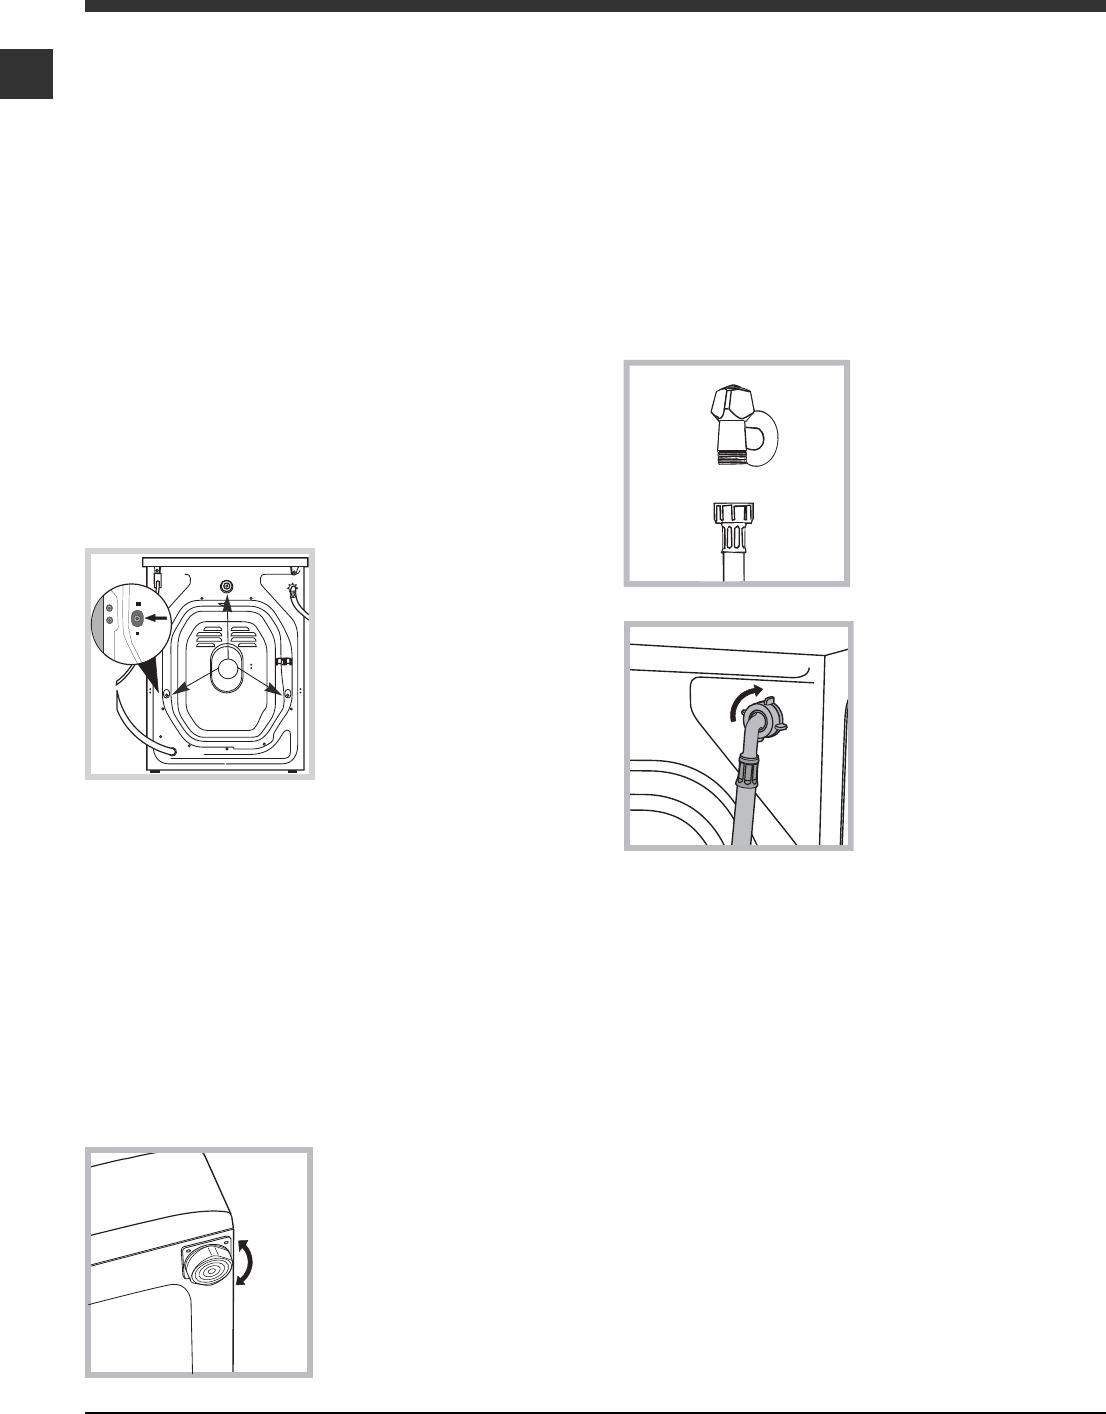 Handleiding Indesit iwc 5145 (pagina 2 van 36) (English